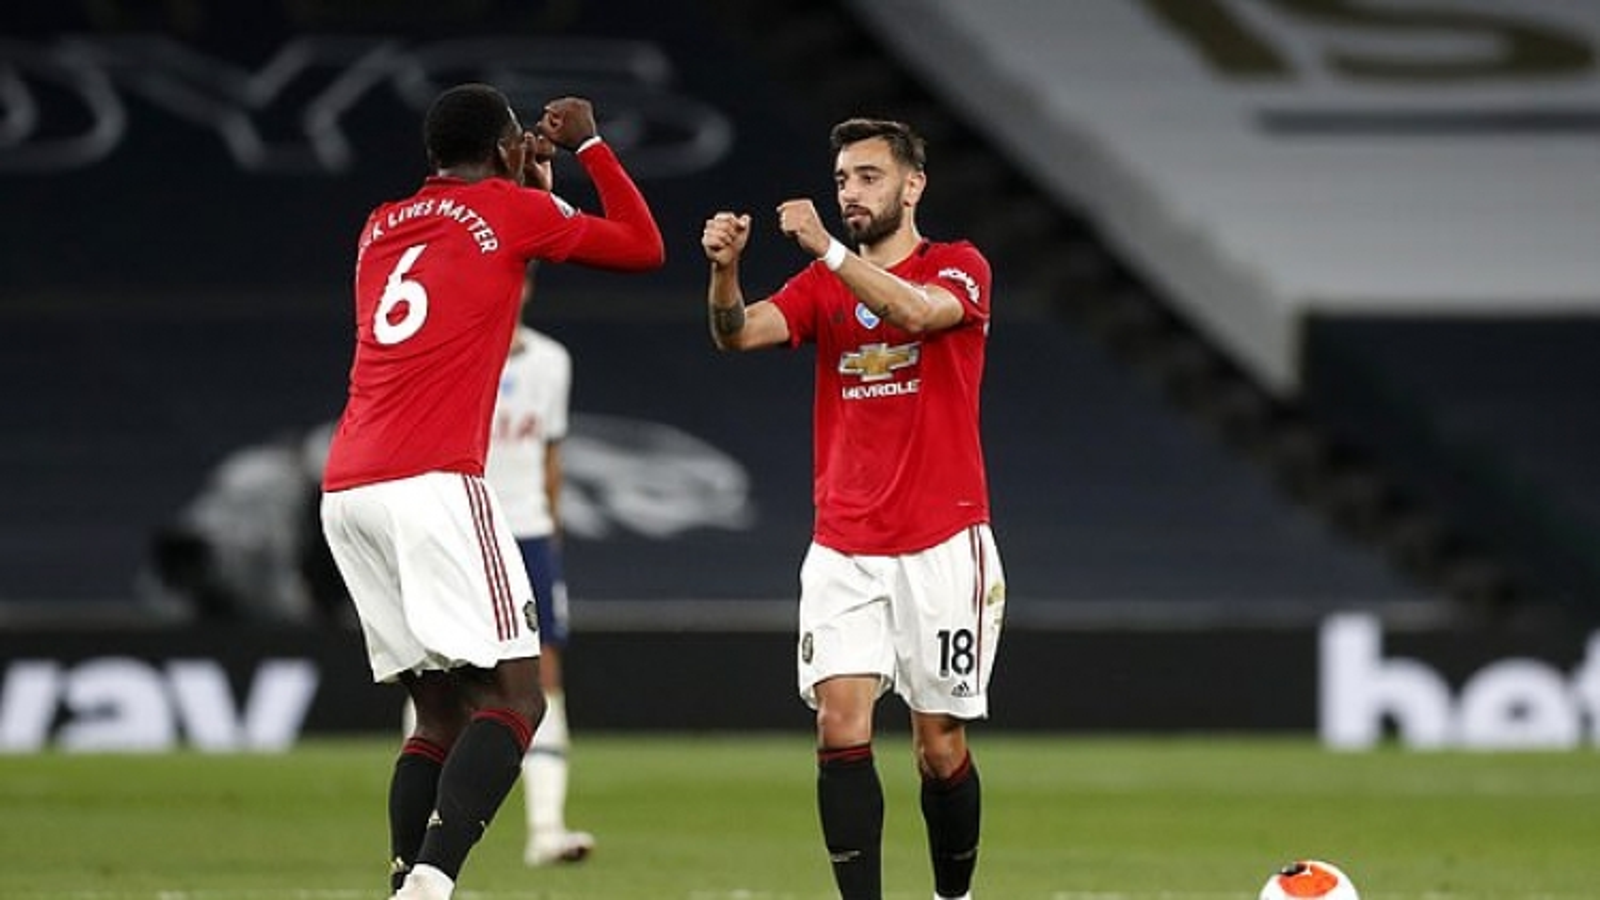 Cựu sao Man City đưa ra dự đoán bất ngờ về khả năng vô địch Ngoại hạng Anh của MU